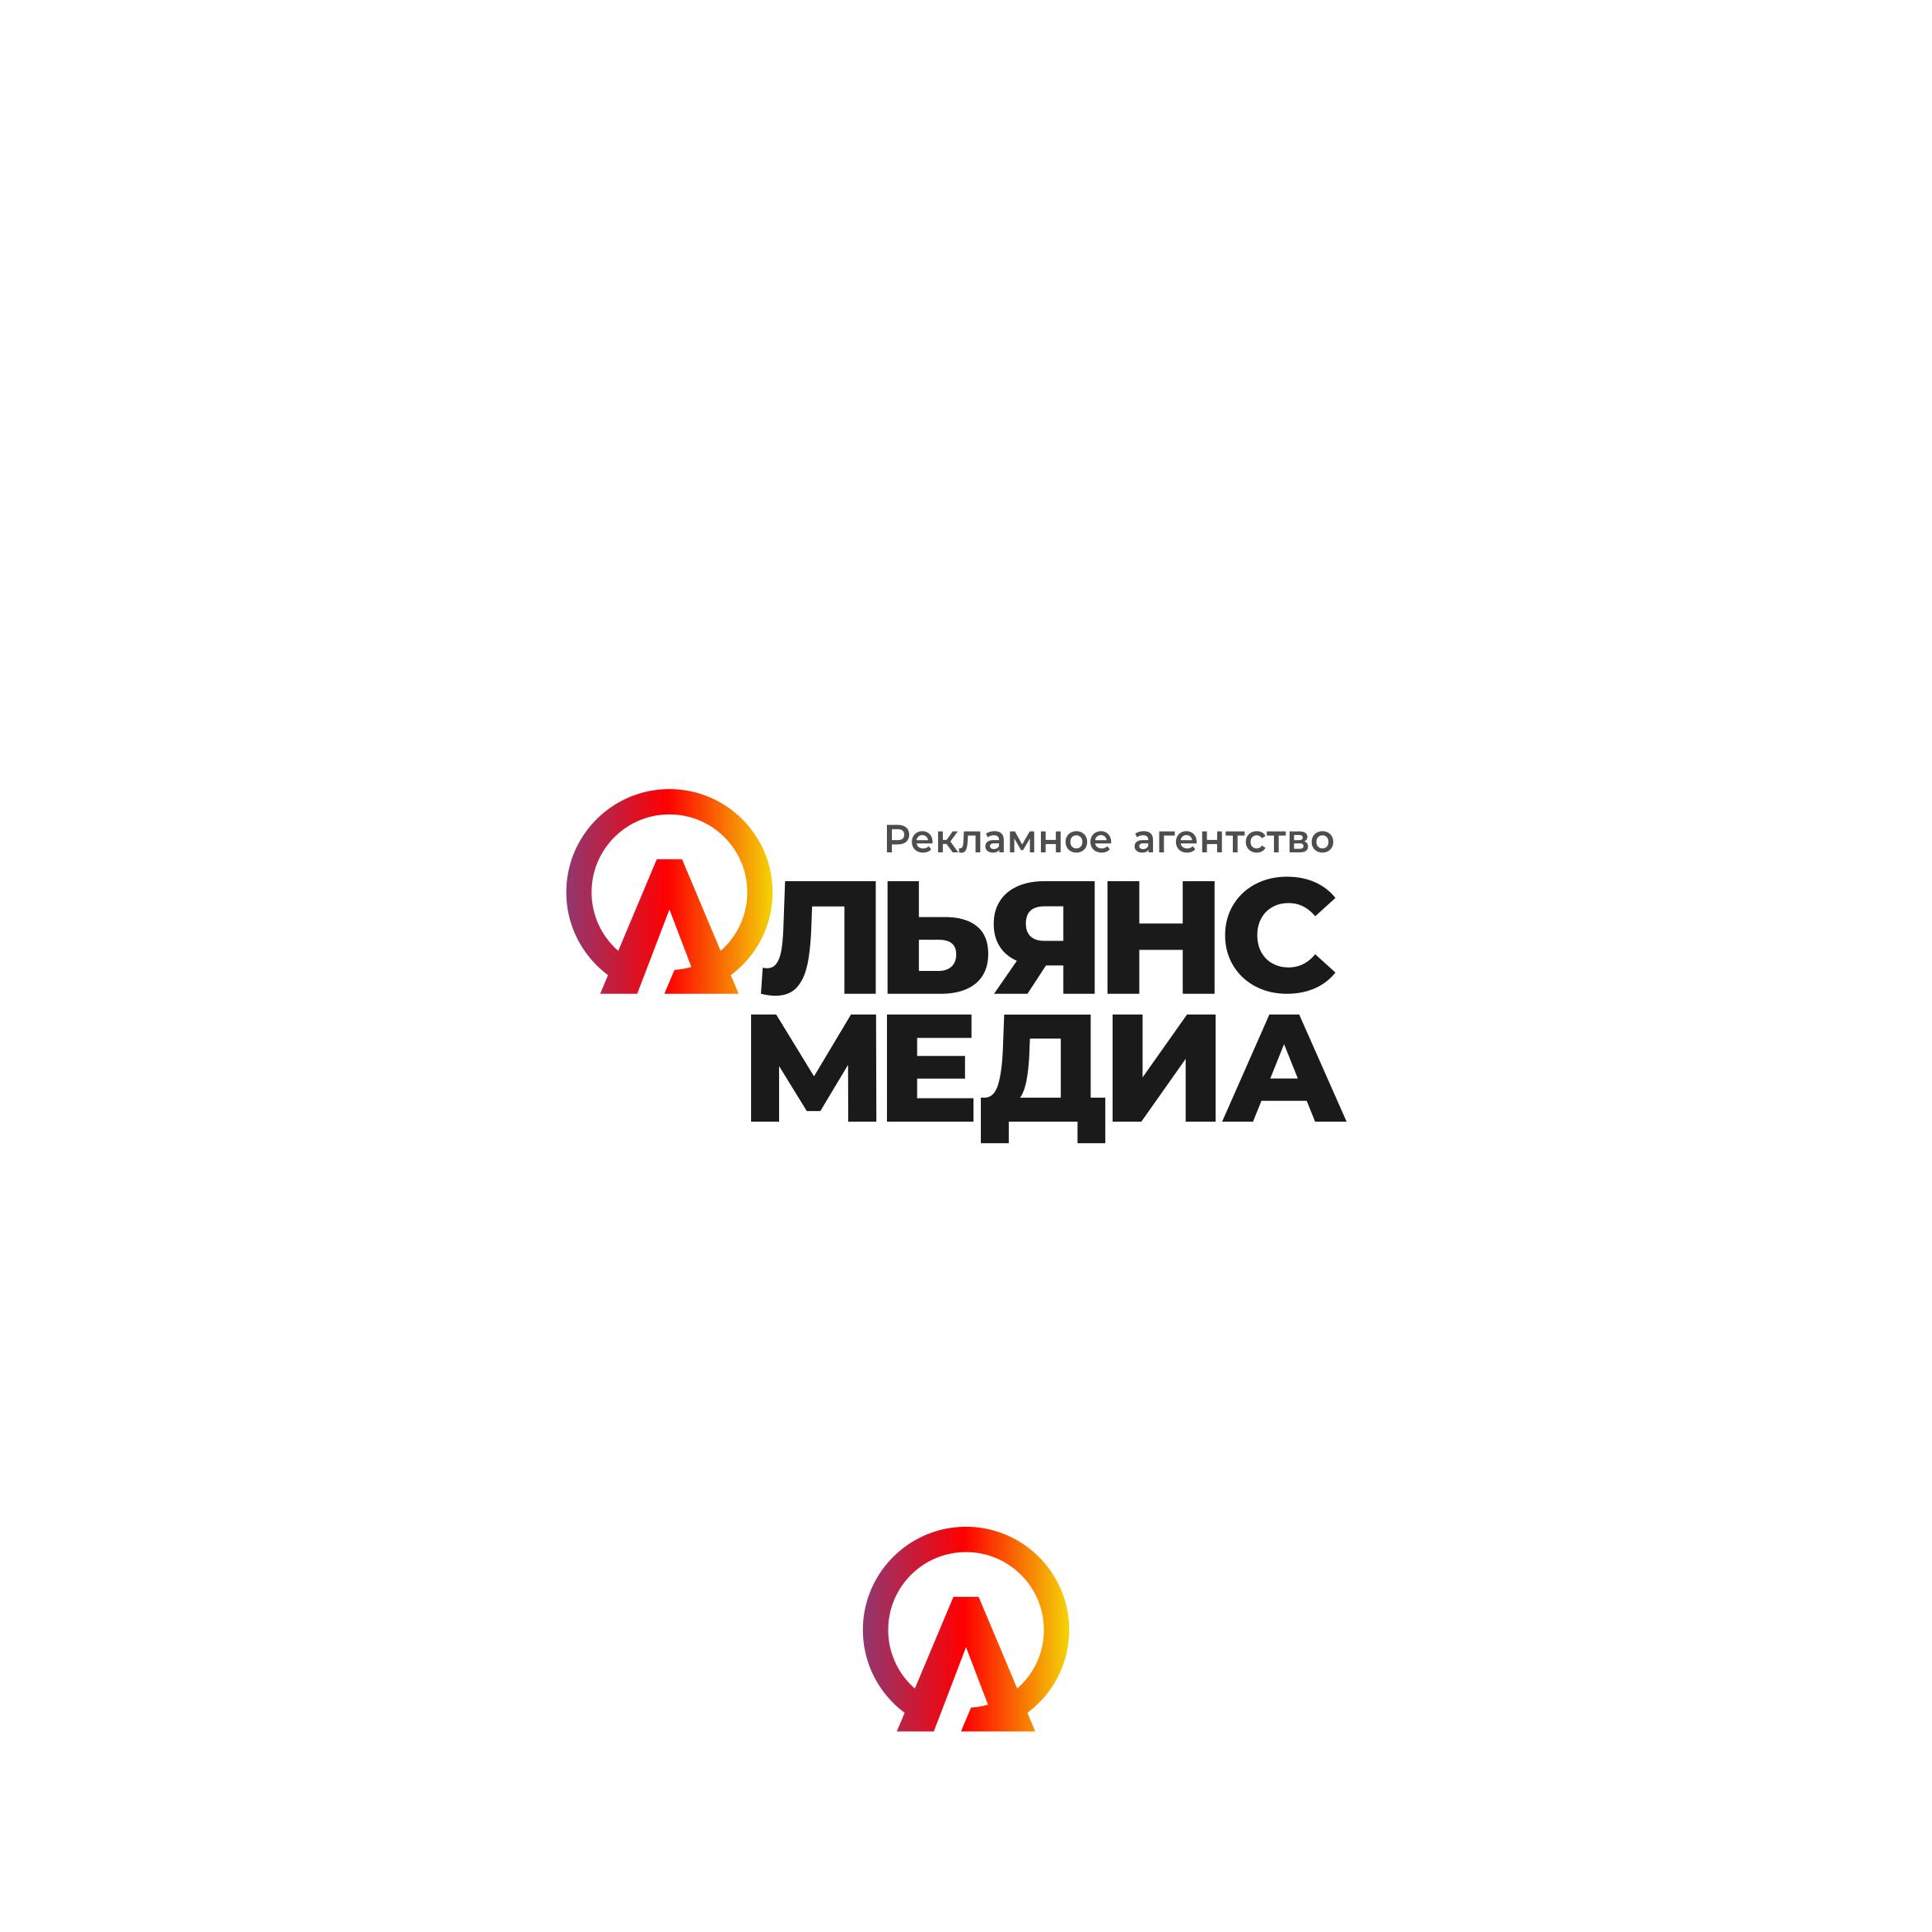 Создать логотип для компании фото f_9985aafd4568d98a.jpg